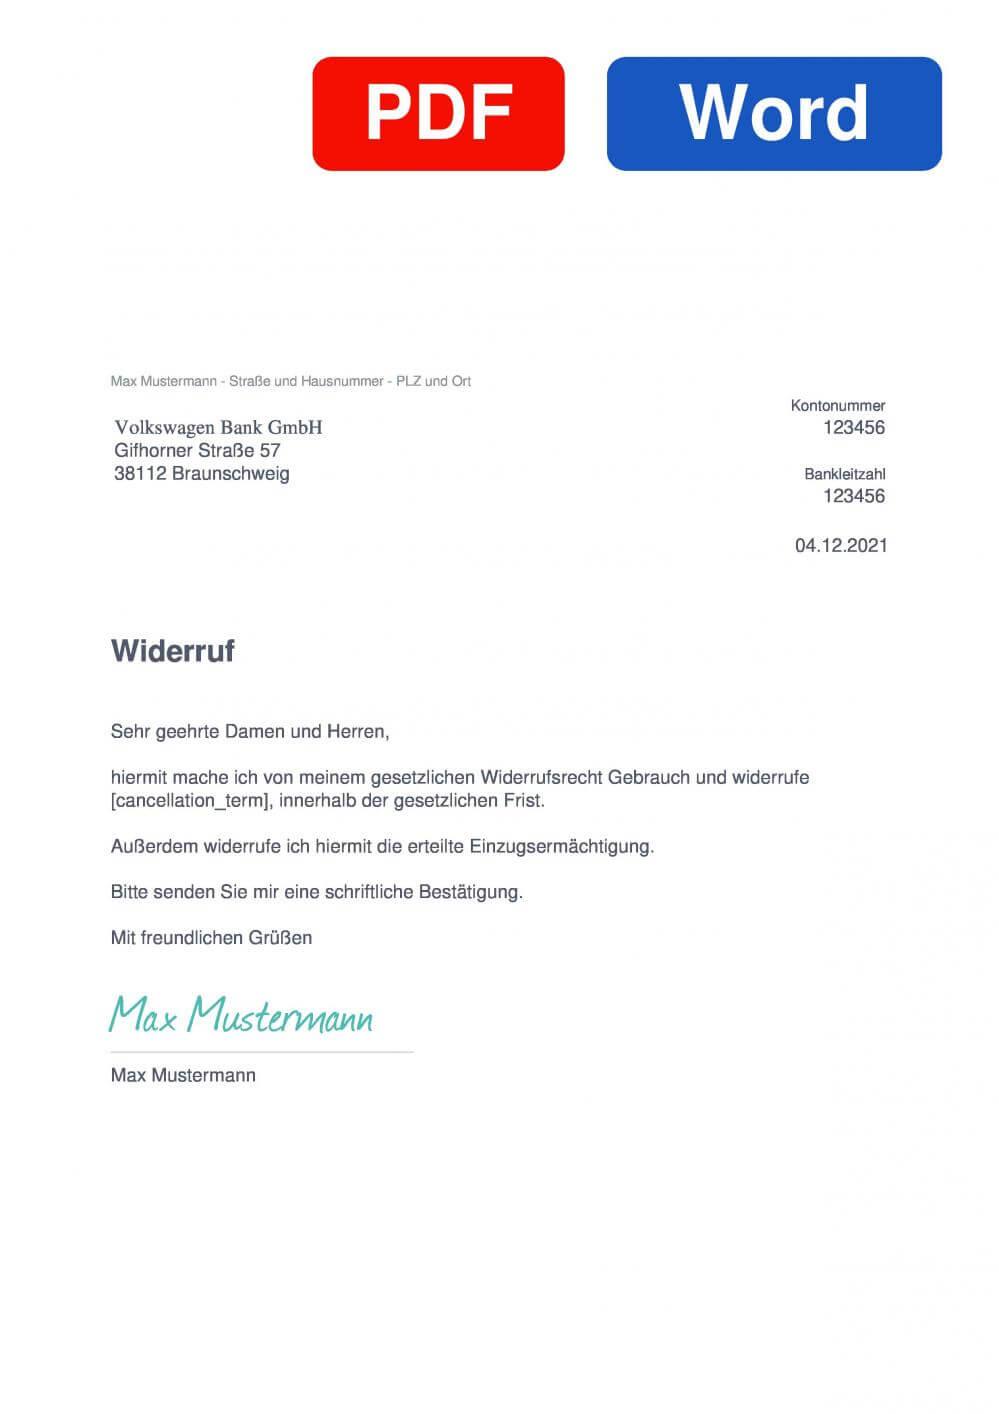 VW Muster Vorlage für Wiederrufsschreiben